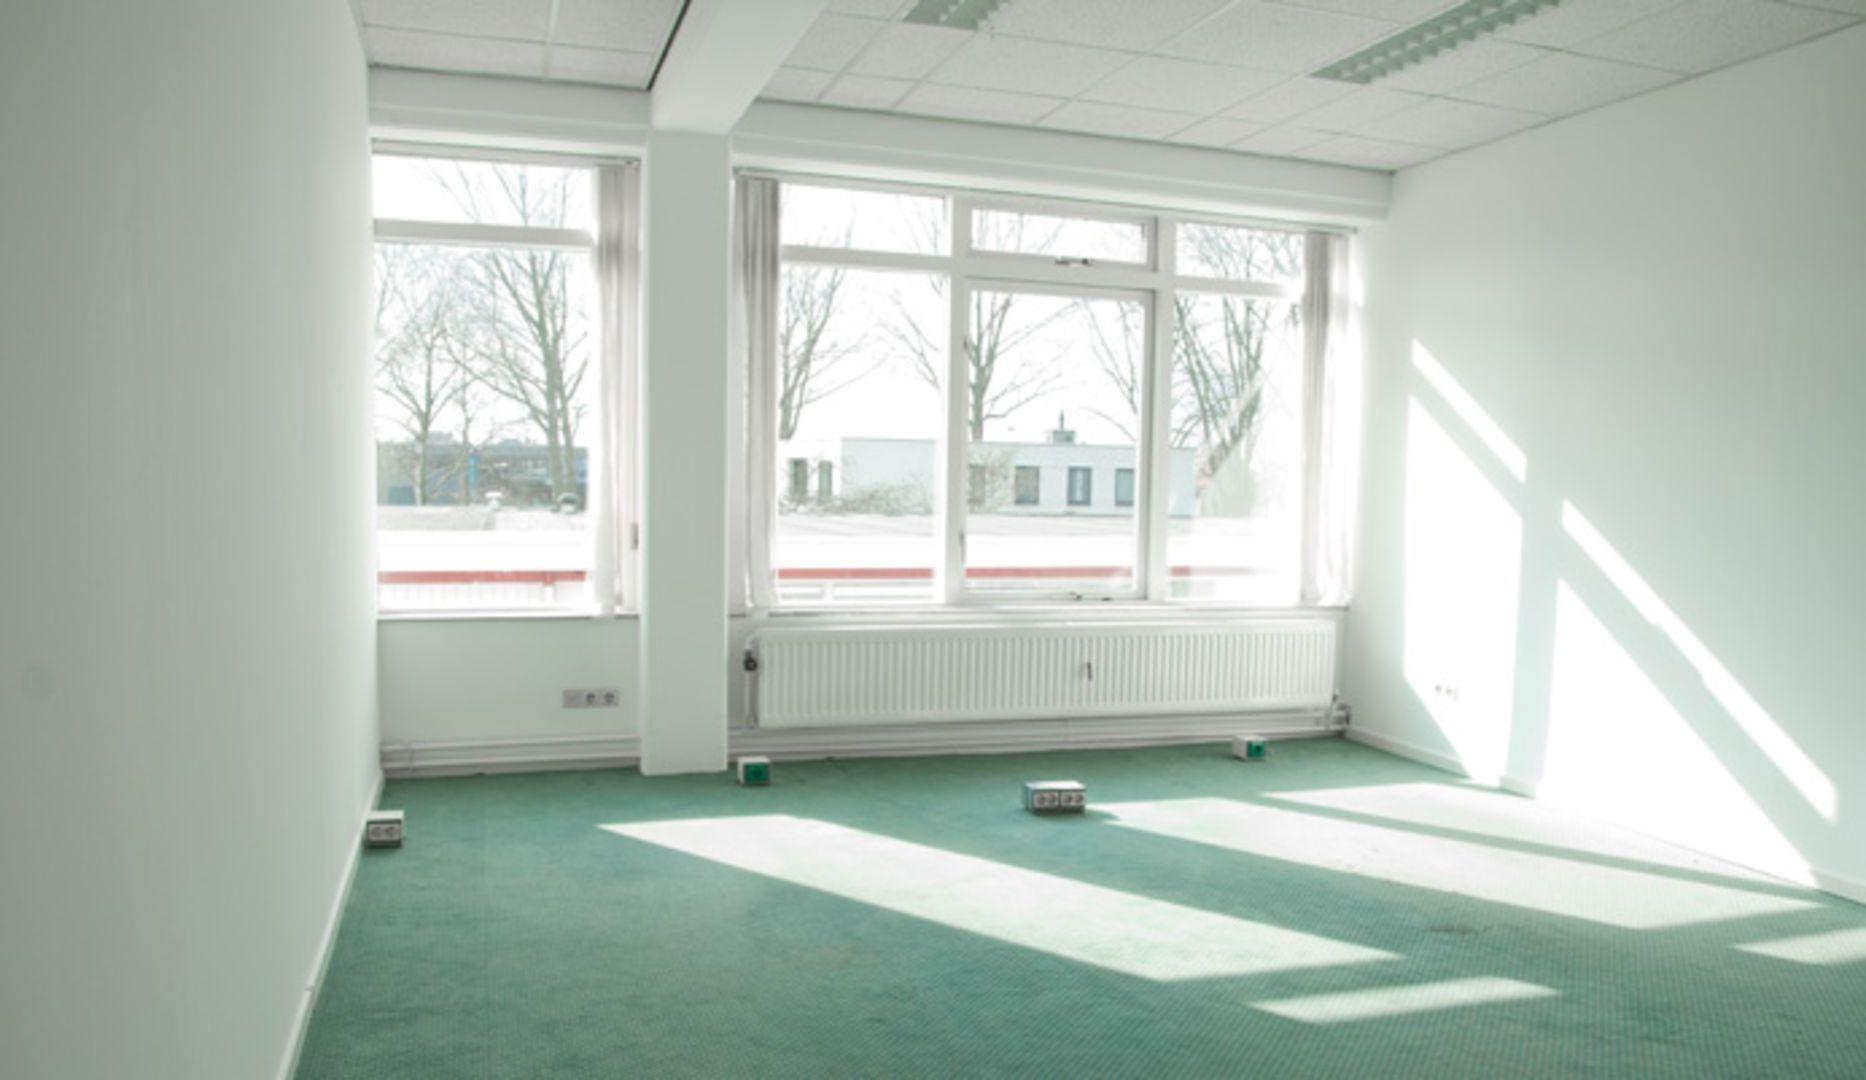 Kluizenaarsbocht 6 1E 32M2, Delft foto-7